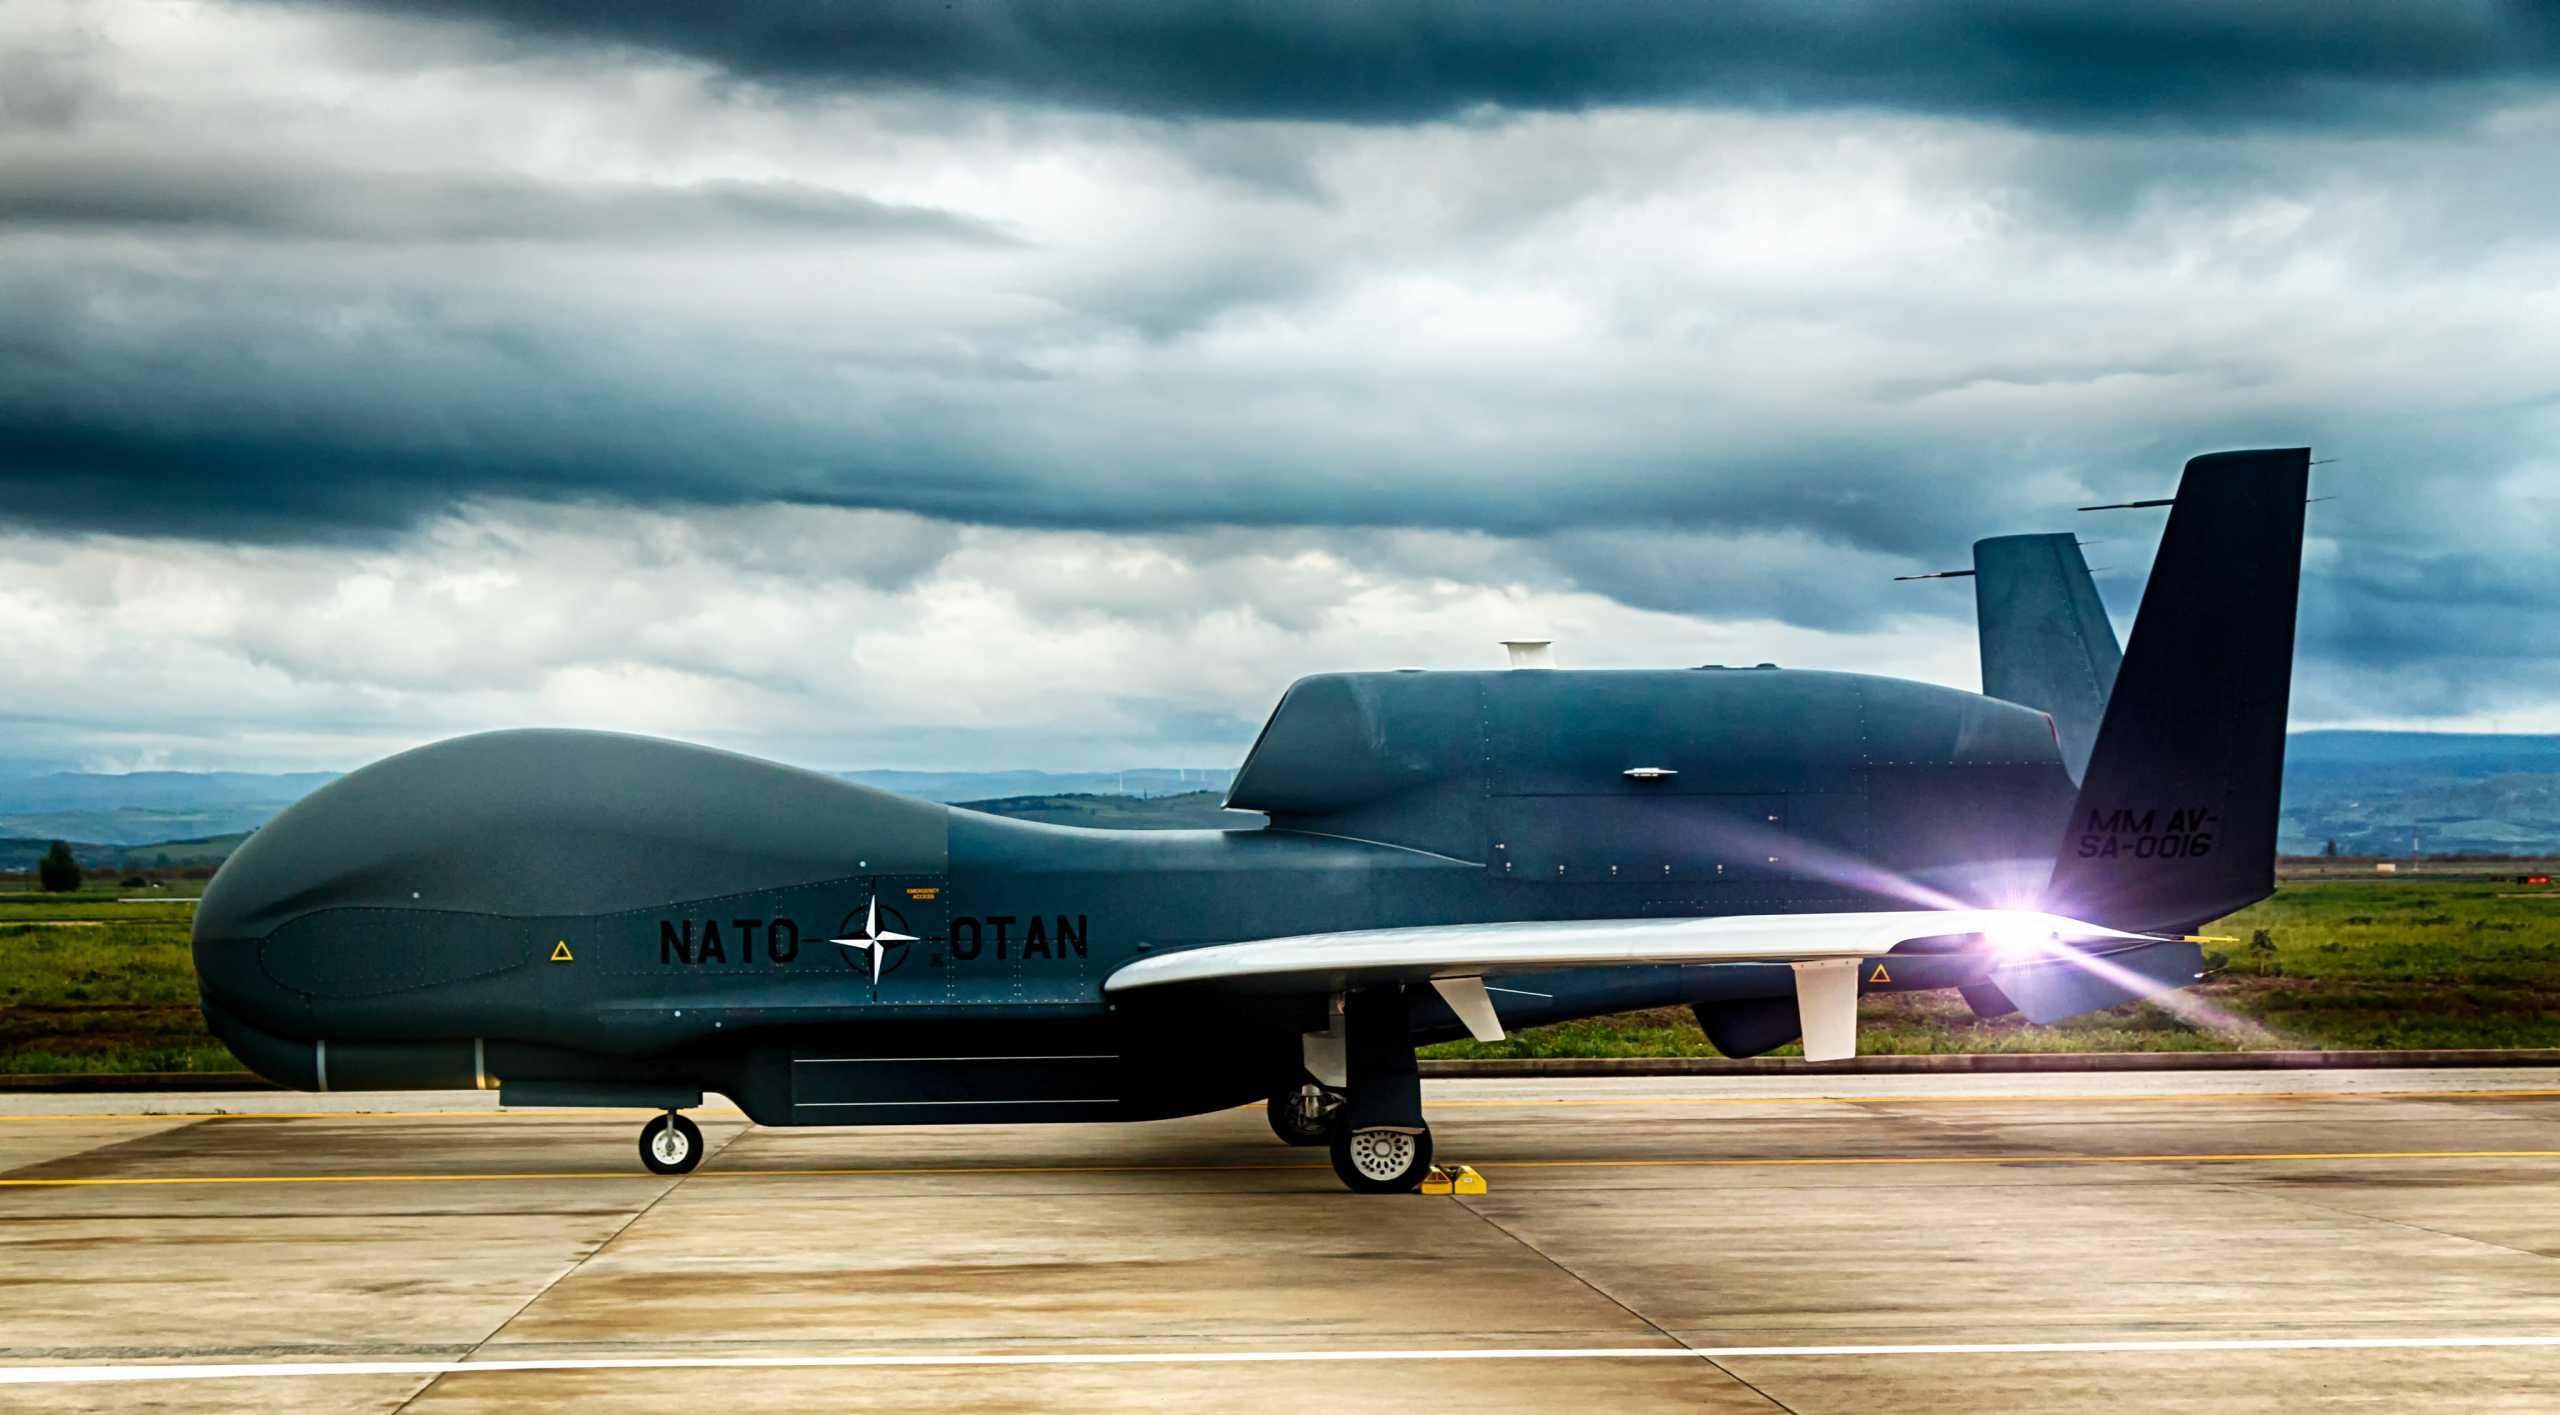 Πολωνία: Αγοράζει 24 μη επανδρωμένα, οπλισμένα αεροσκάφη (UAV) από την Τουρκία